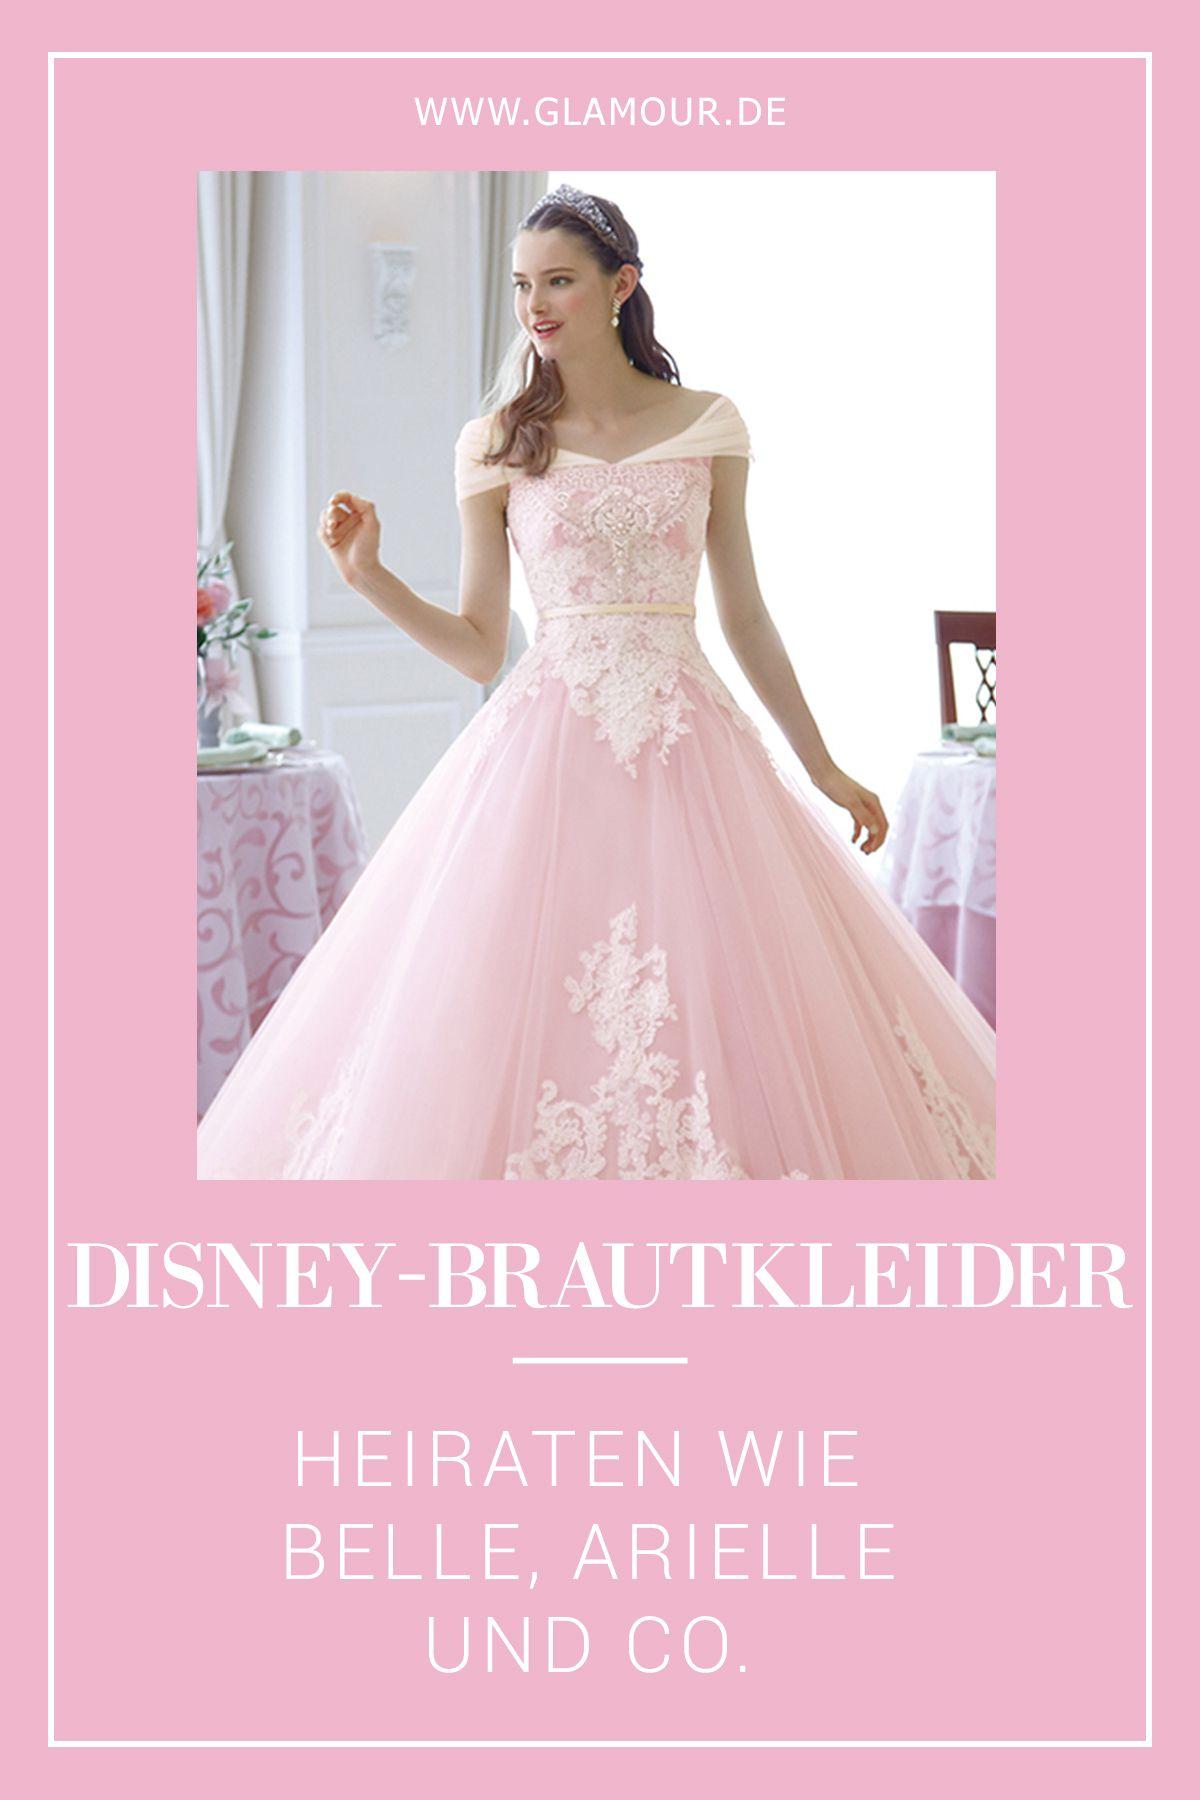 Disney-Brautkleider: Heiraten wie Belle & Co.